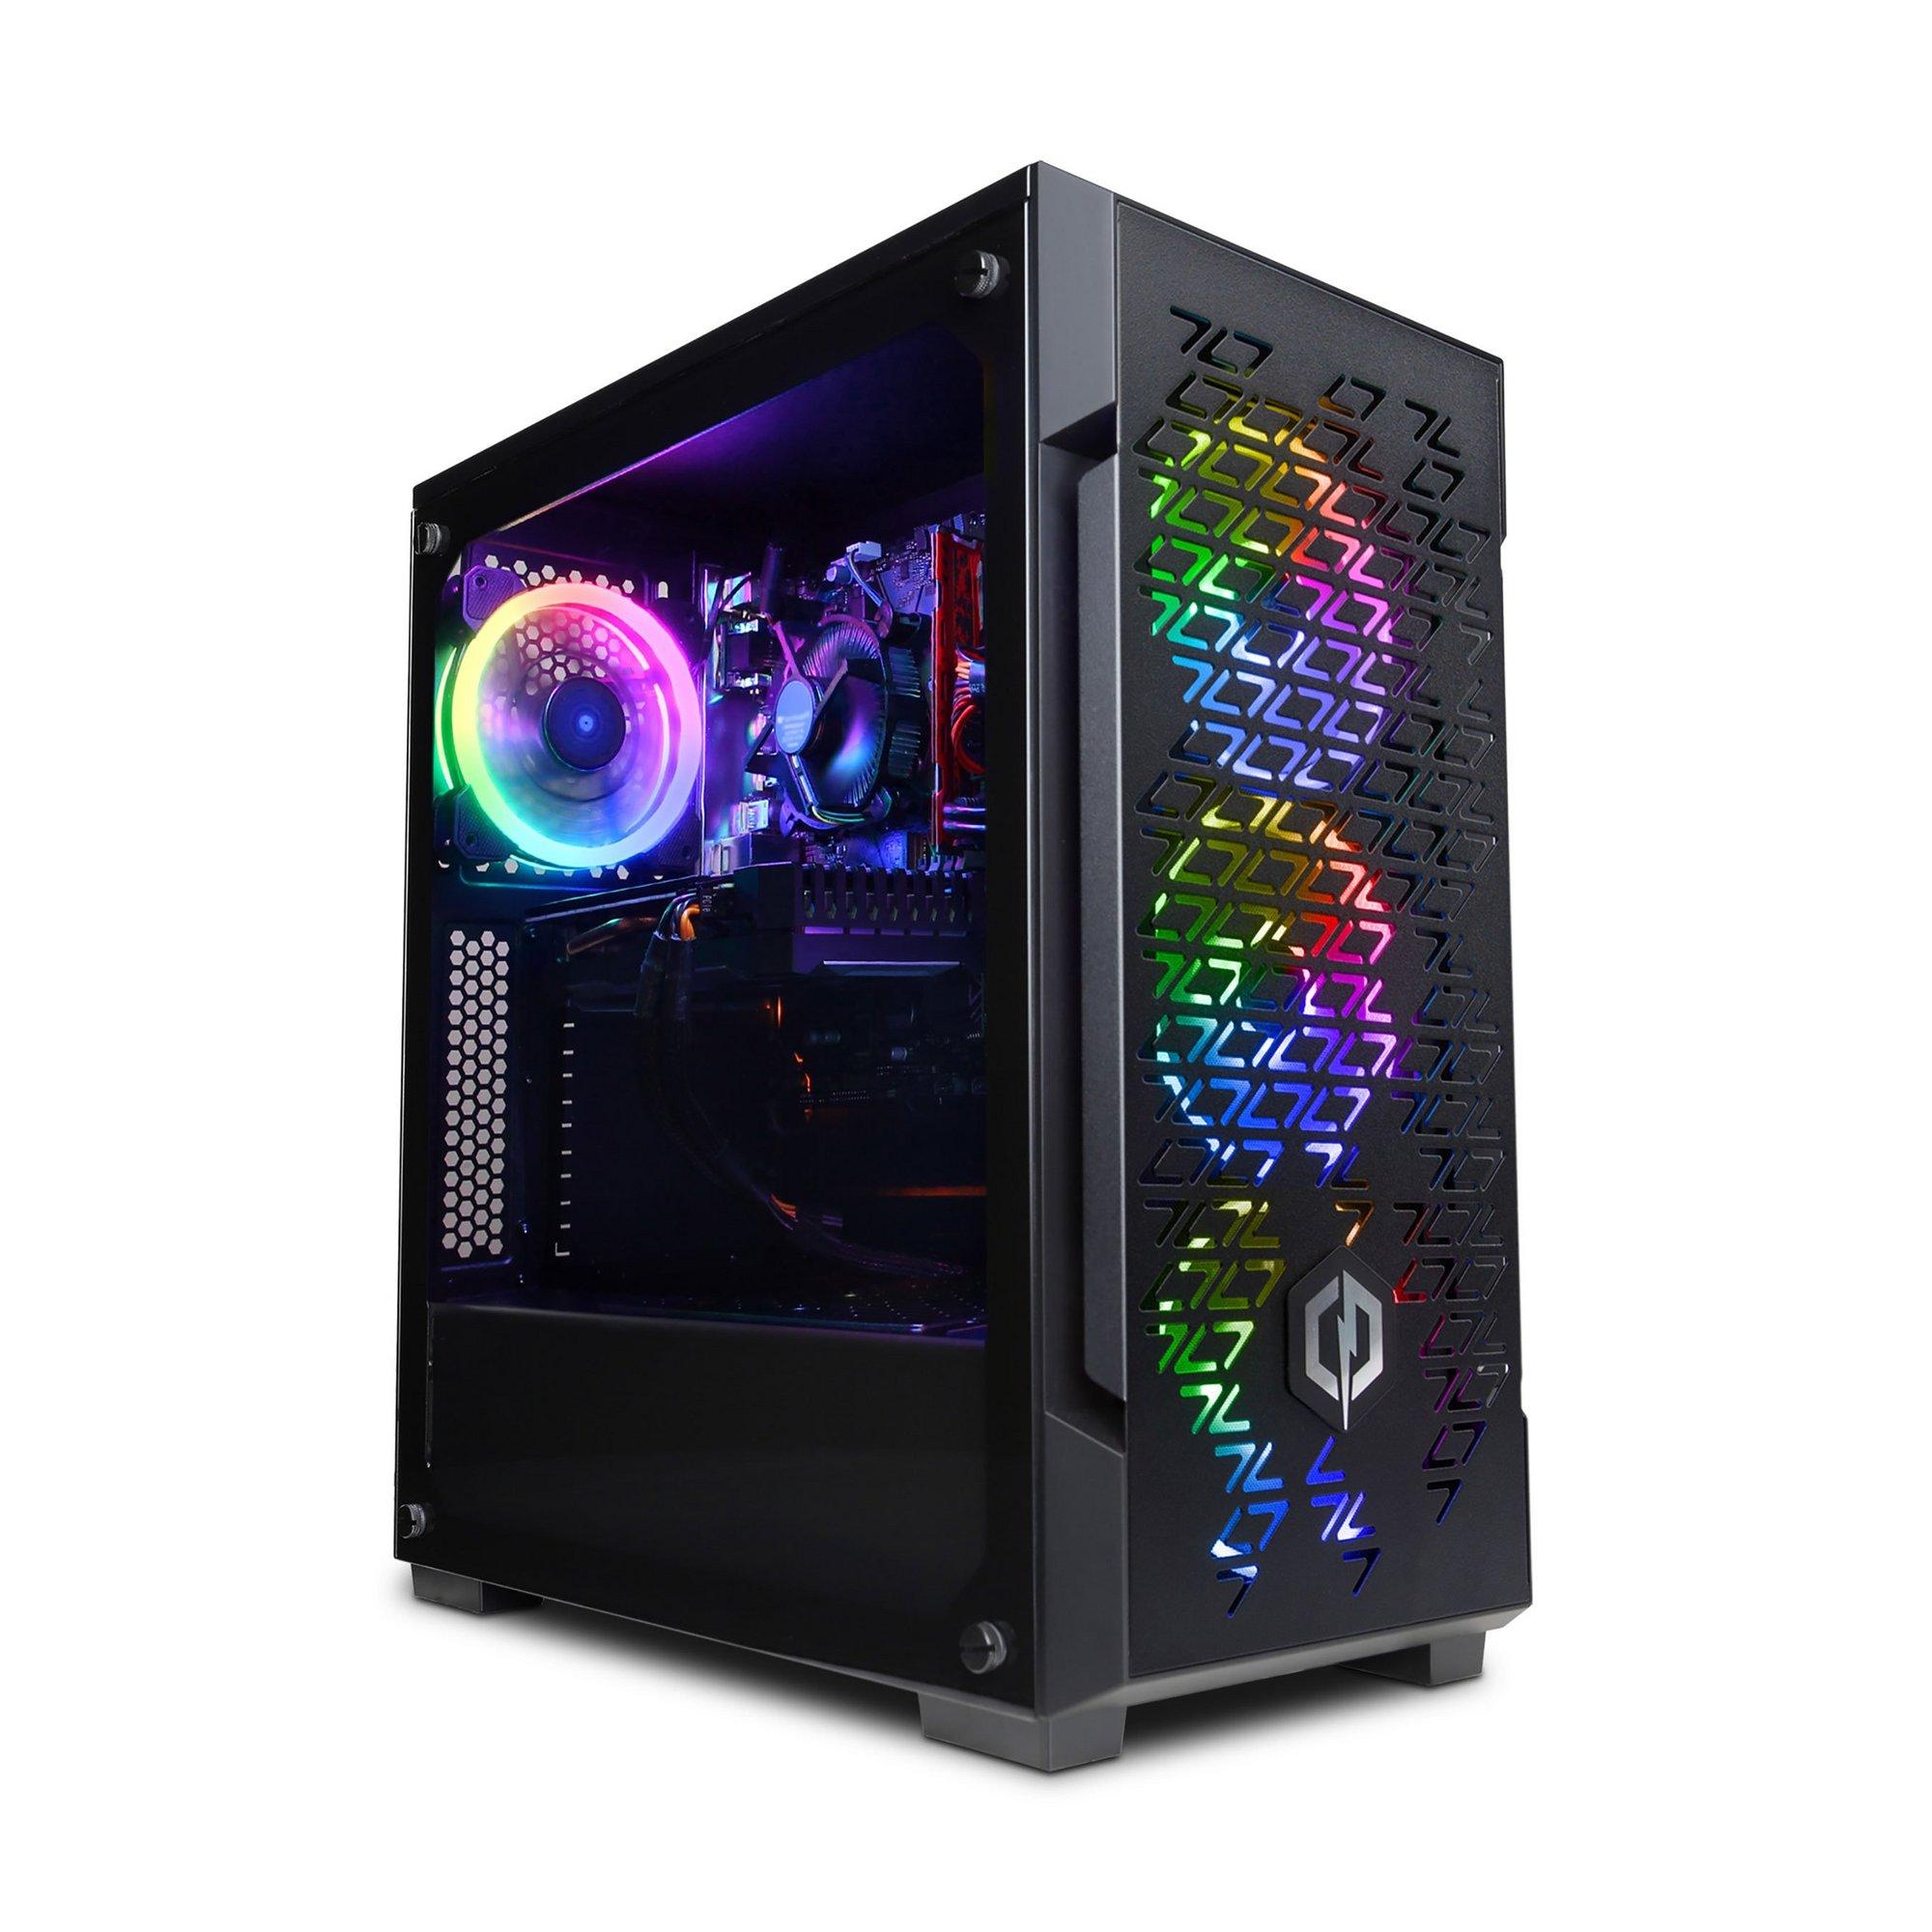 Image of Cyberpower AMD Ryzen 5 3600 GTX 1650 8GB RAM 1TB HDD 240GB SSD Ga...